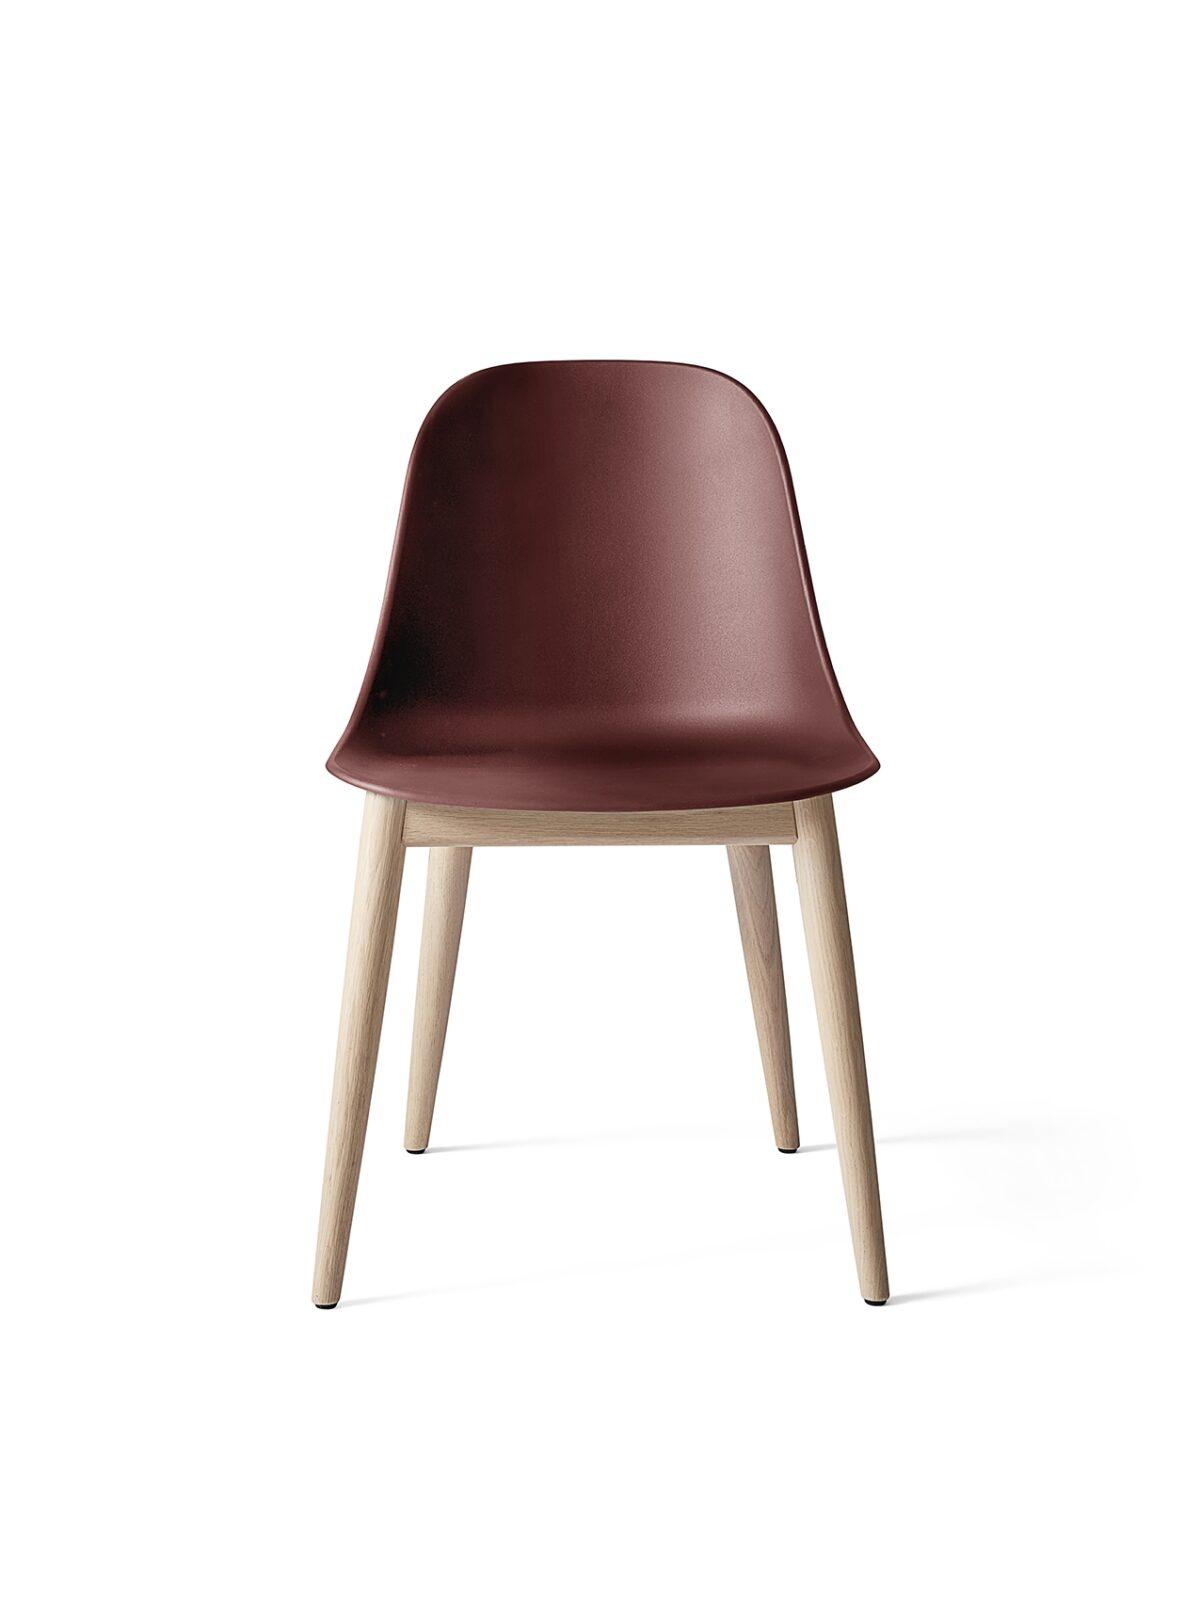 9270349 Harbour Side Chair BurnedRed NaturalOak Front